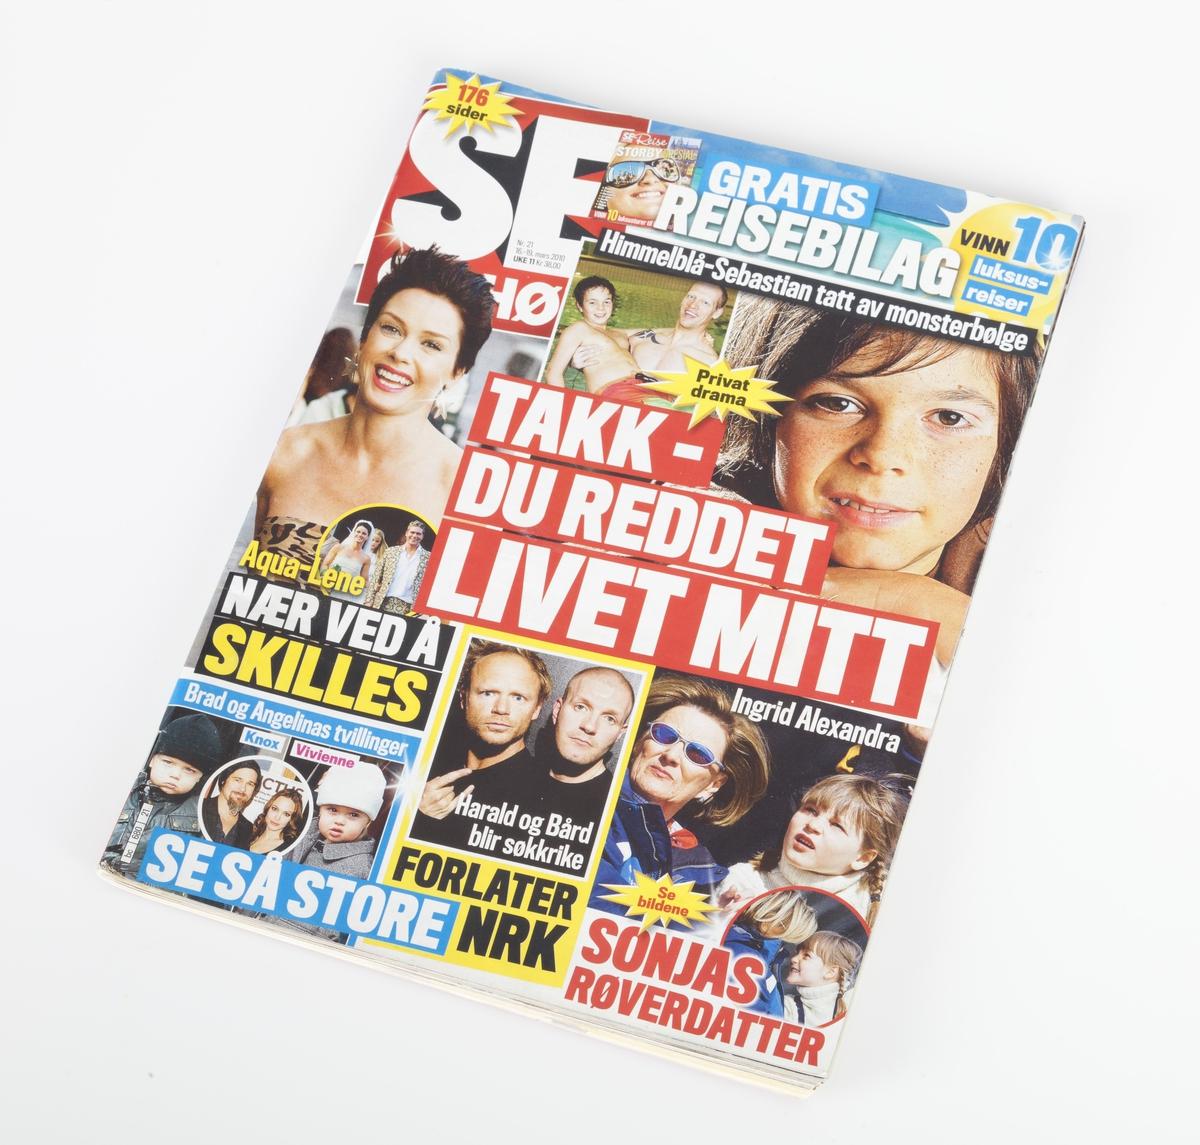 Collage: fete overskrifter samt bilder av kjente personer i mange og klare farger.